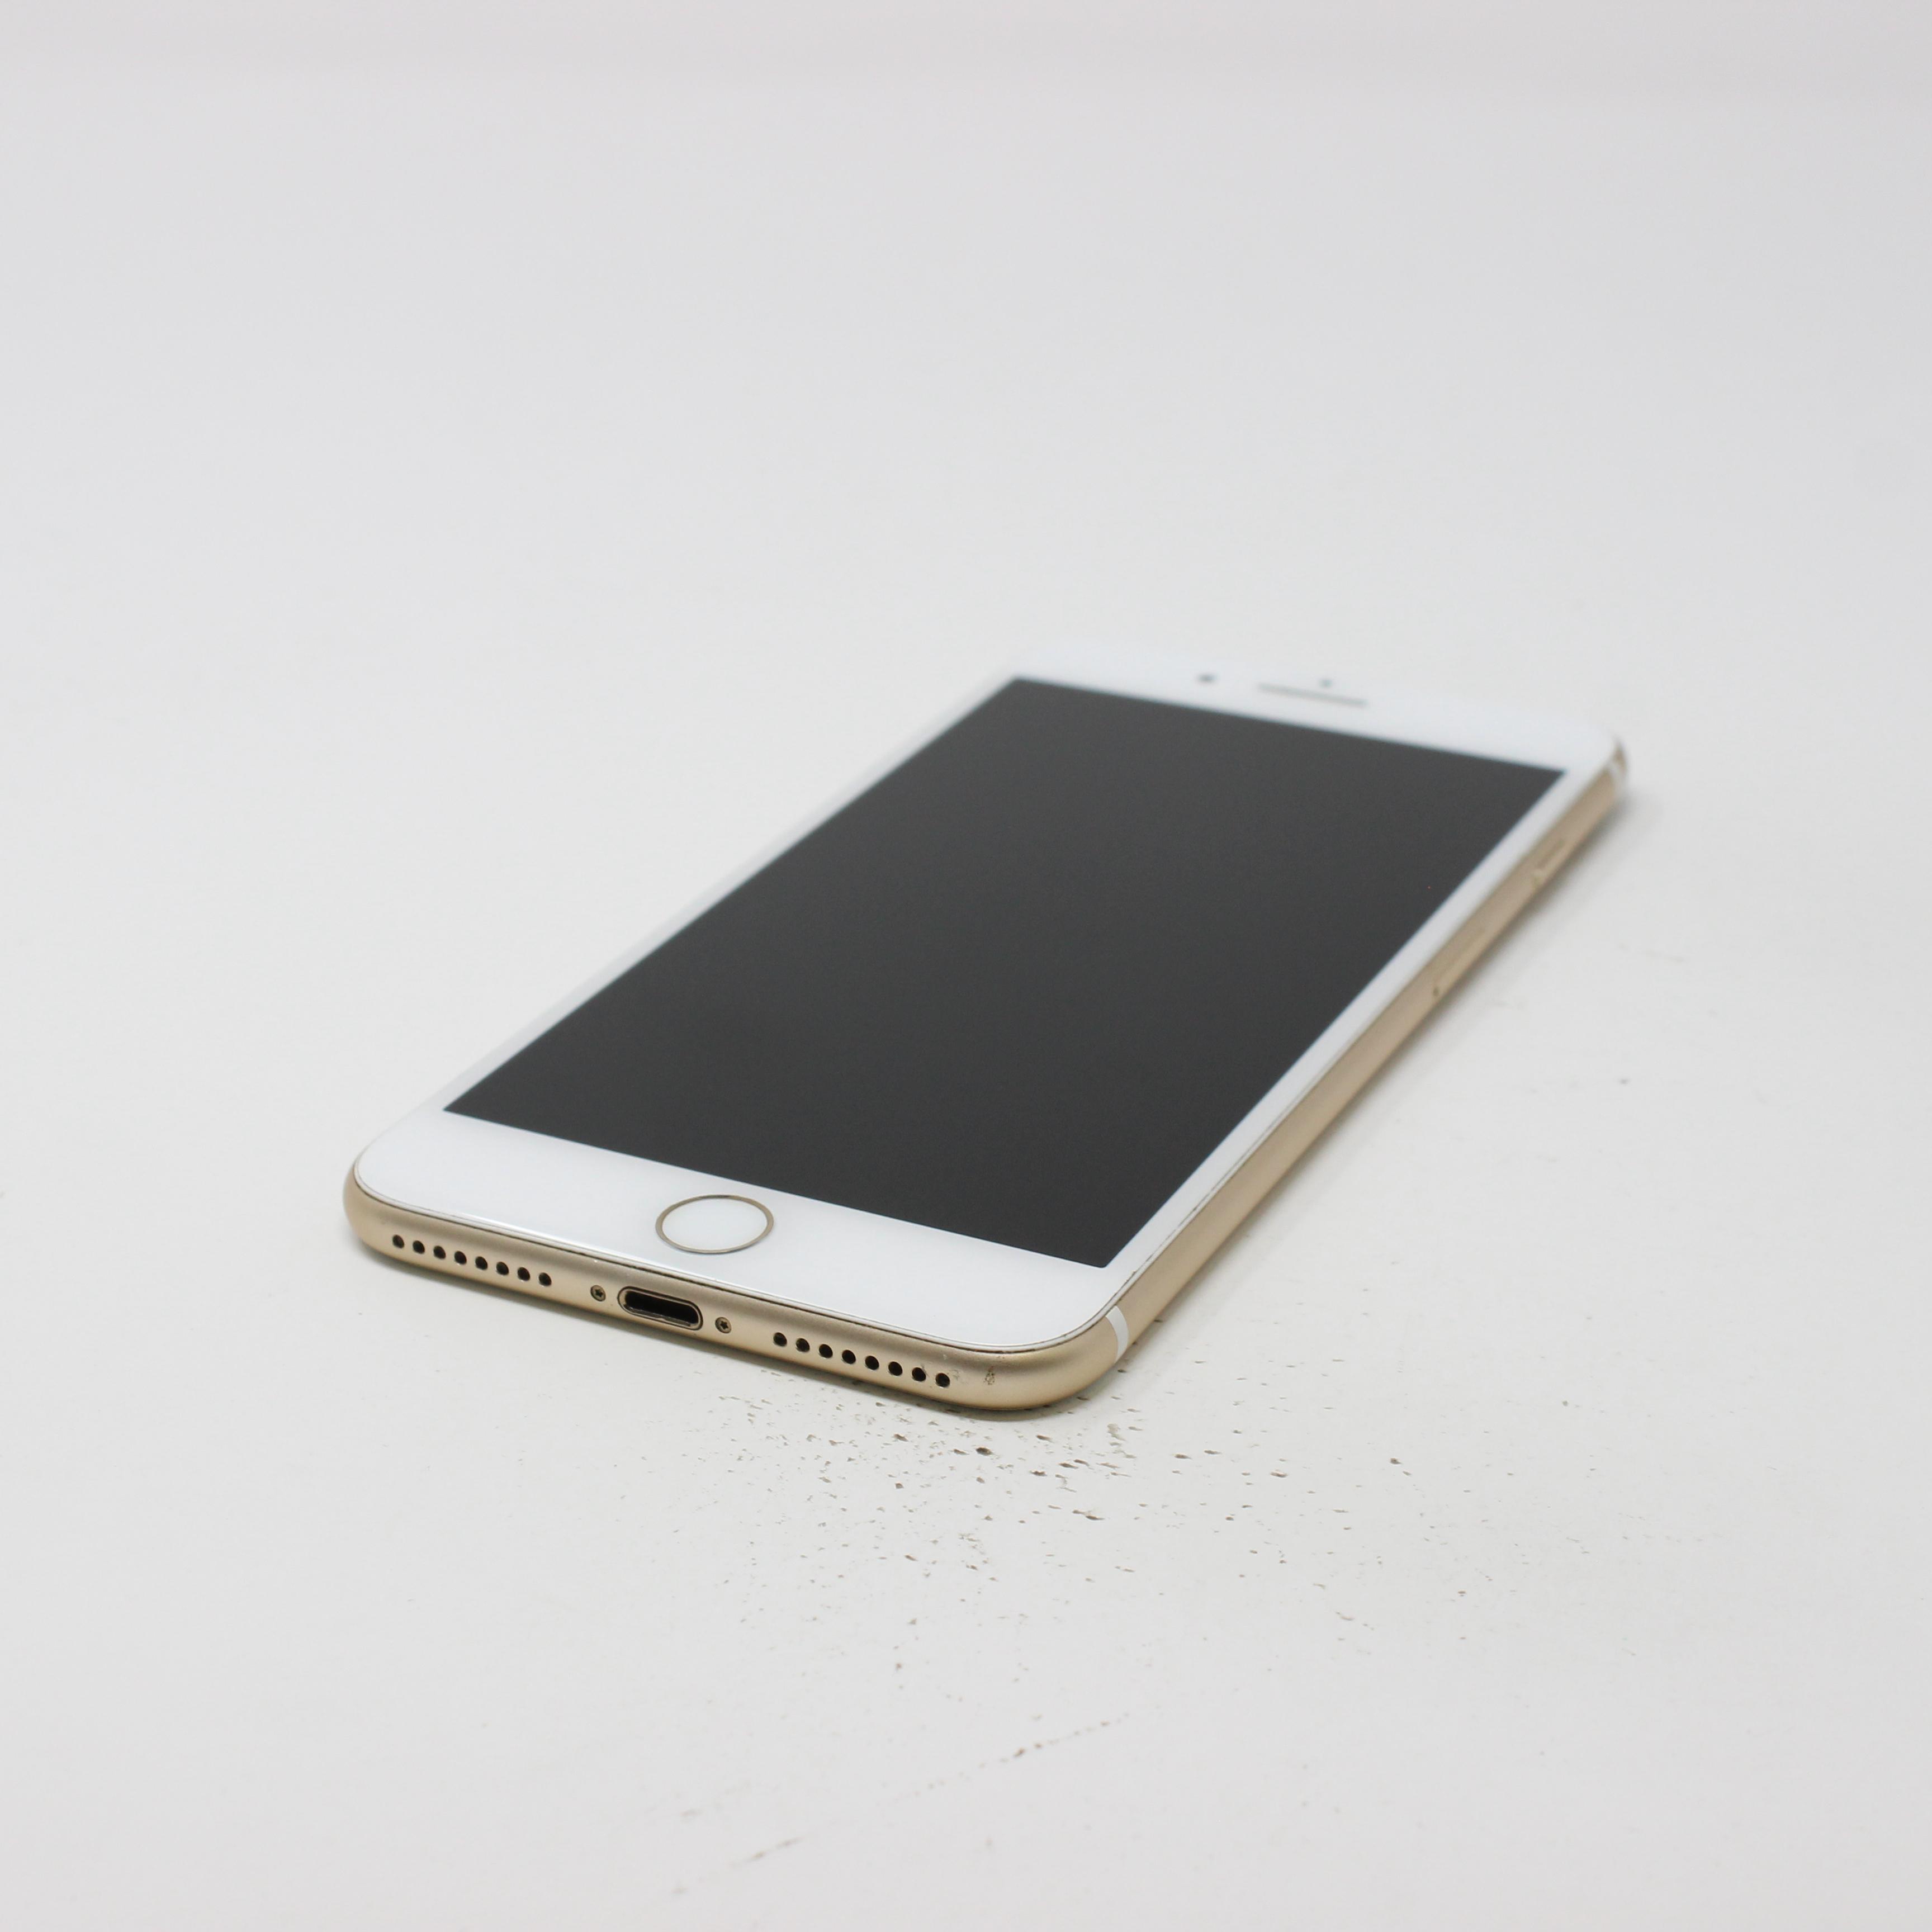 iPhone 7 Plus 32GB Gold - Verizon photo 6   UpTradeit.com